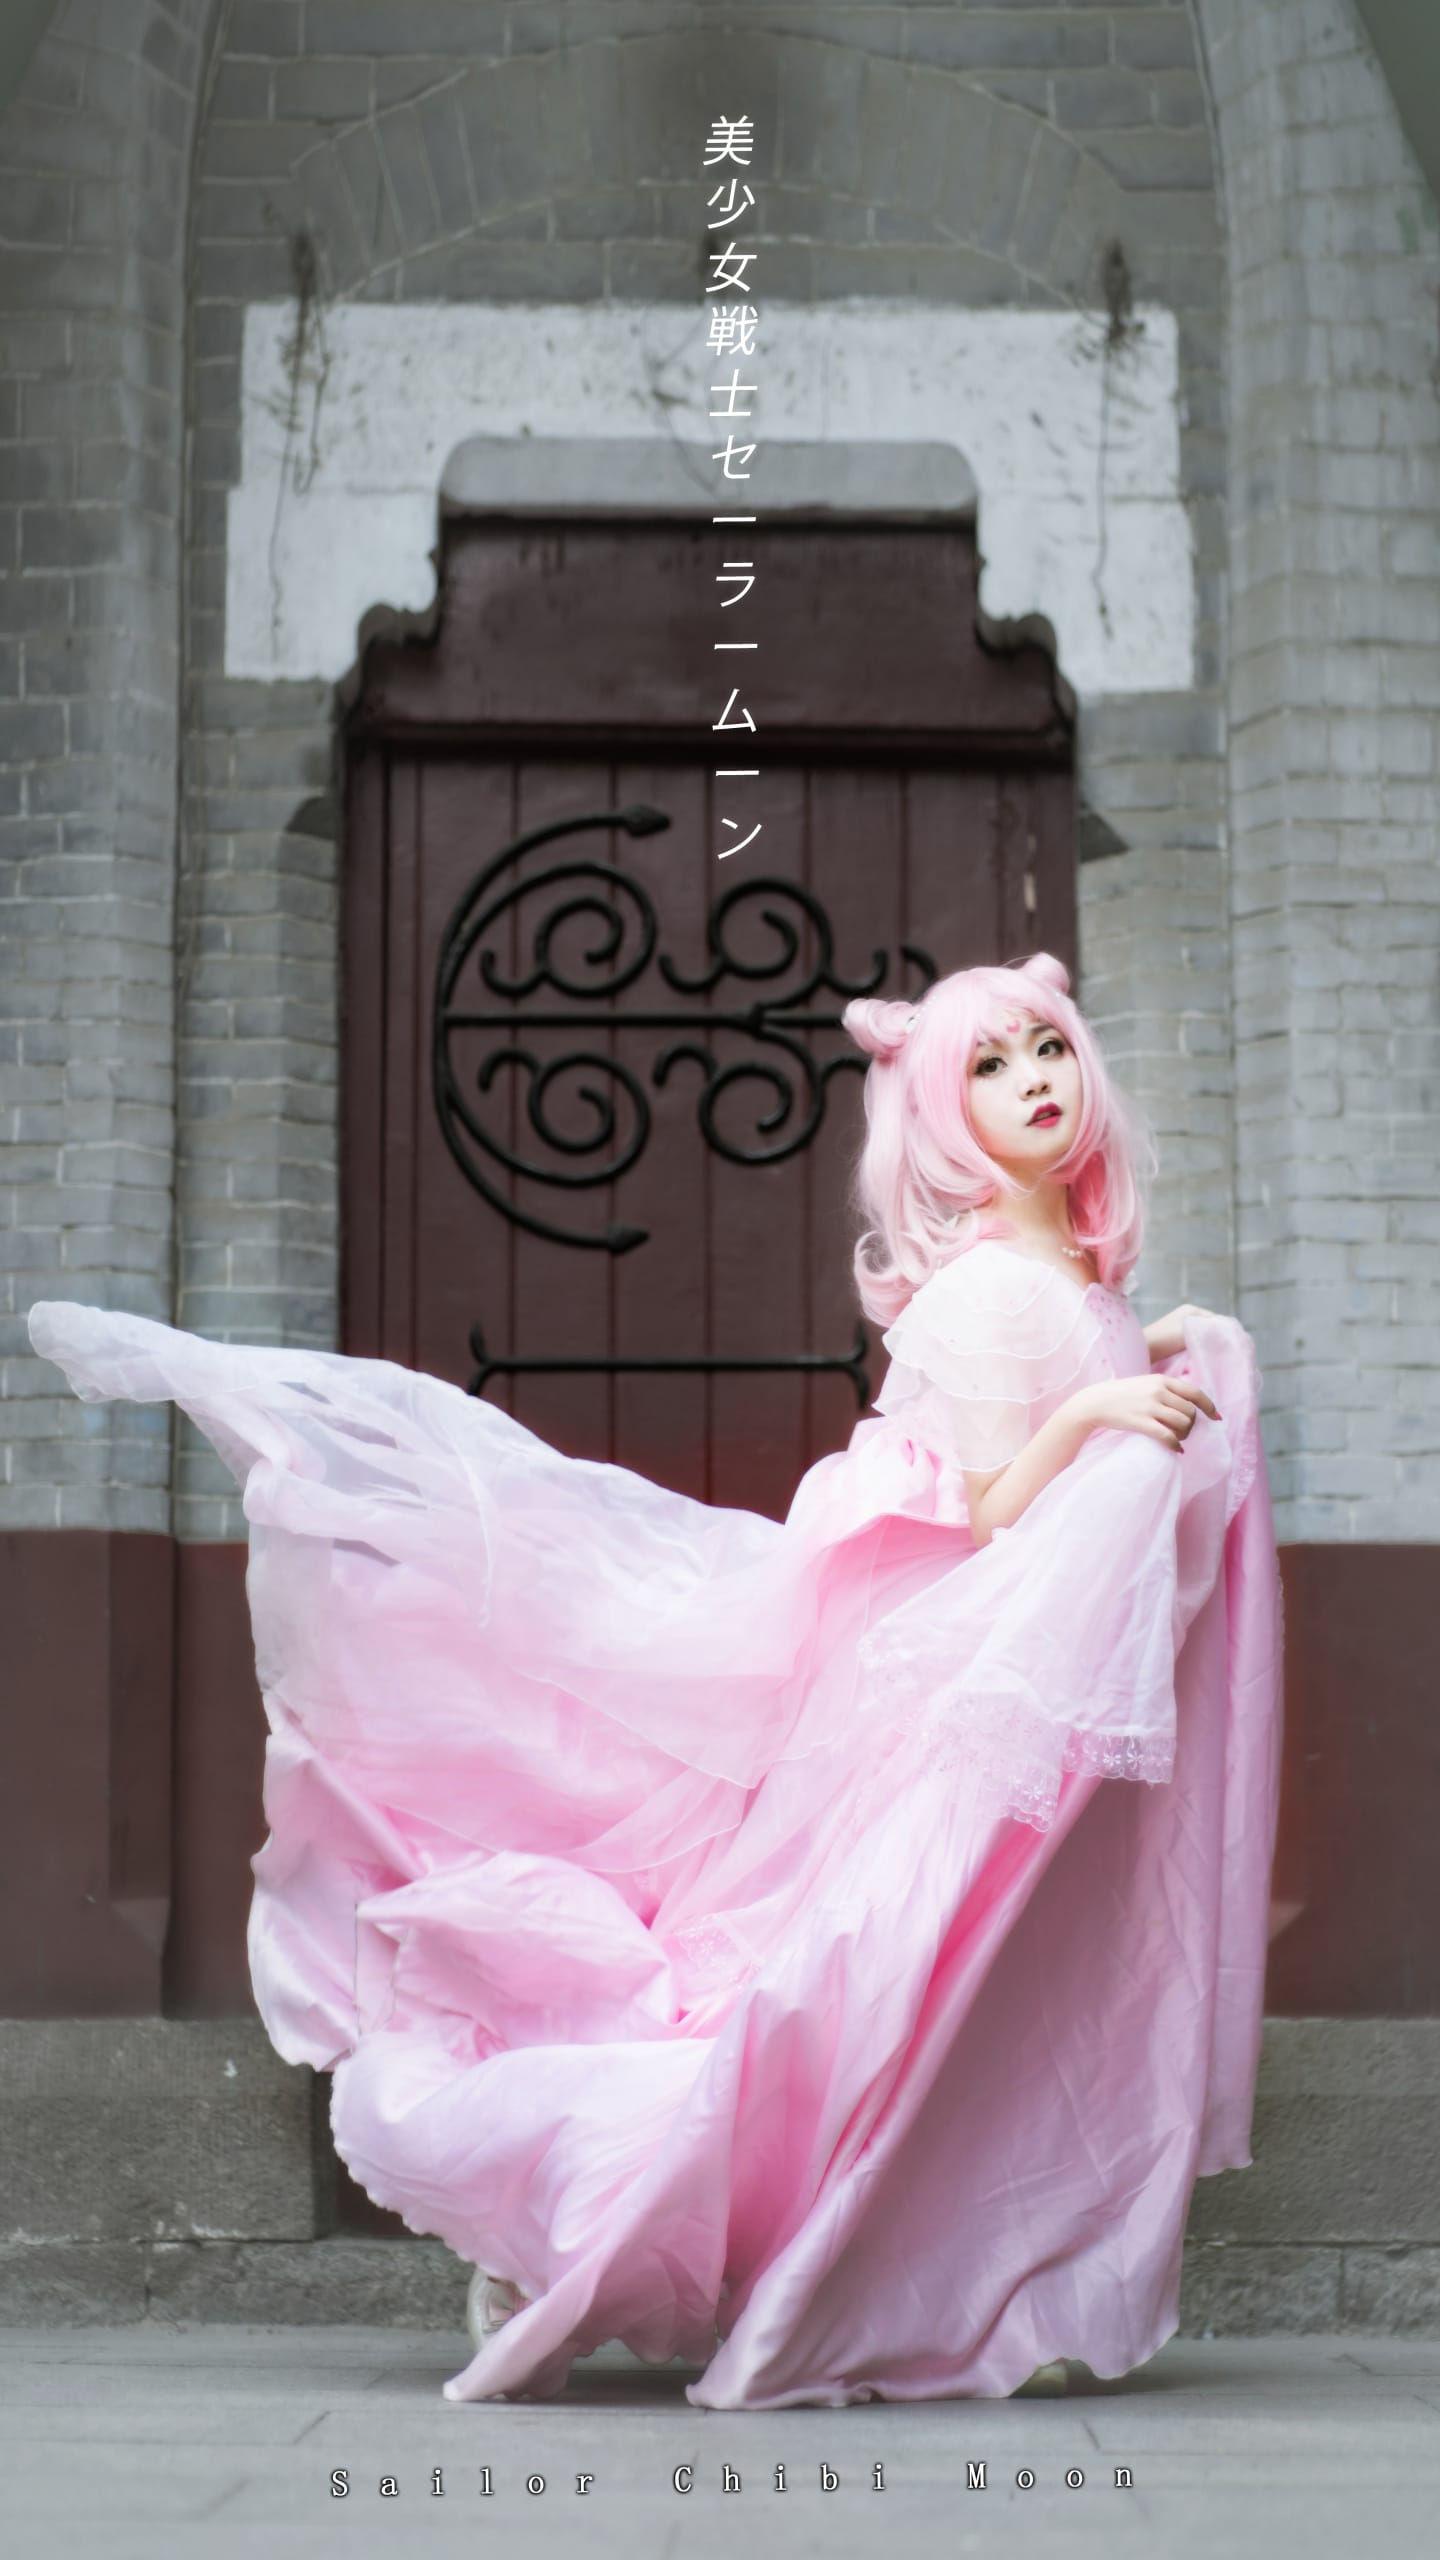 《美少女战士》小小兔插画礼服cosplay插图(1)